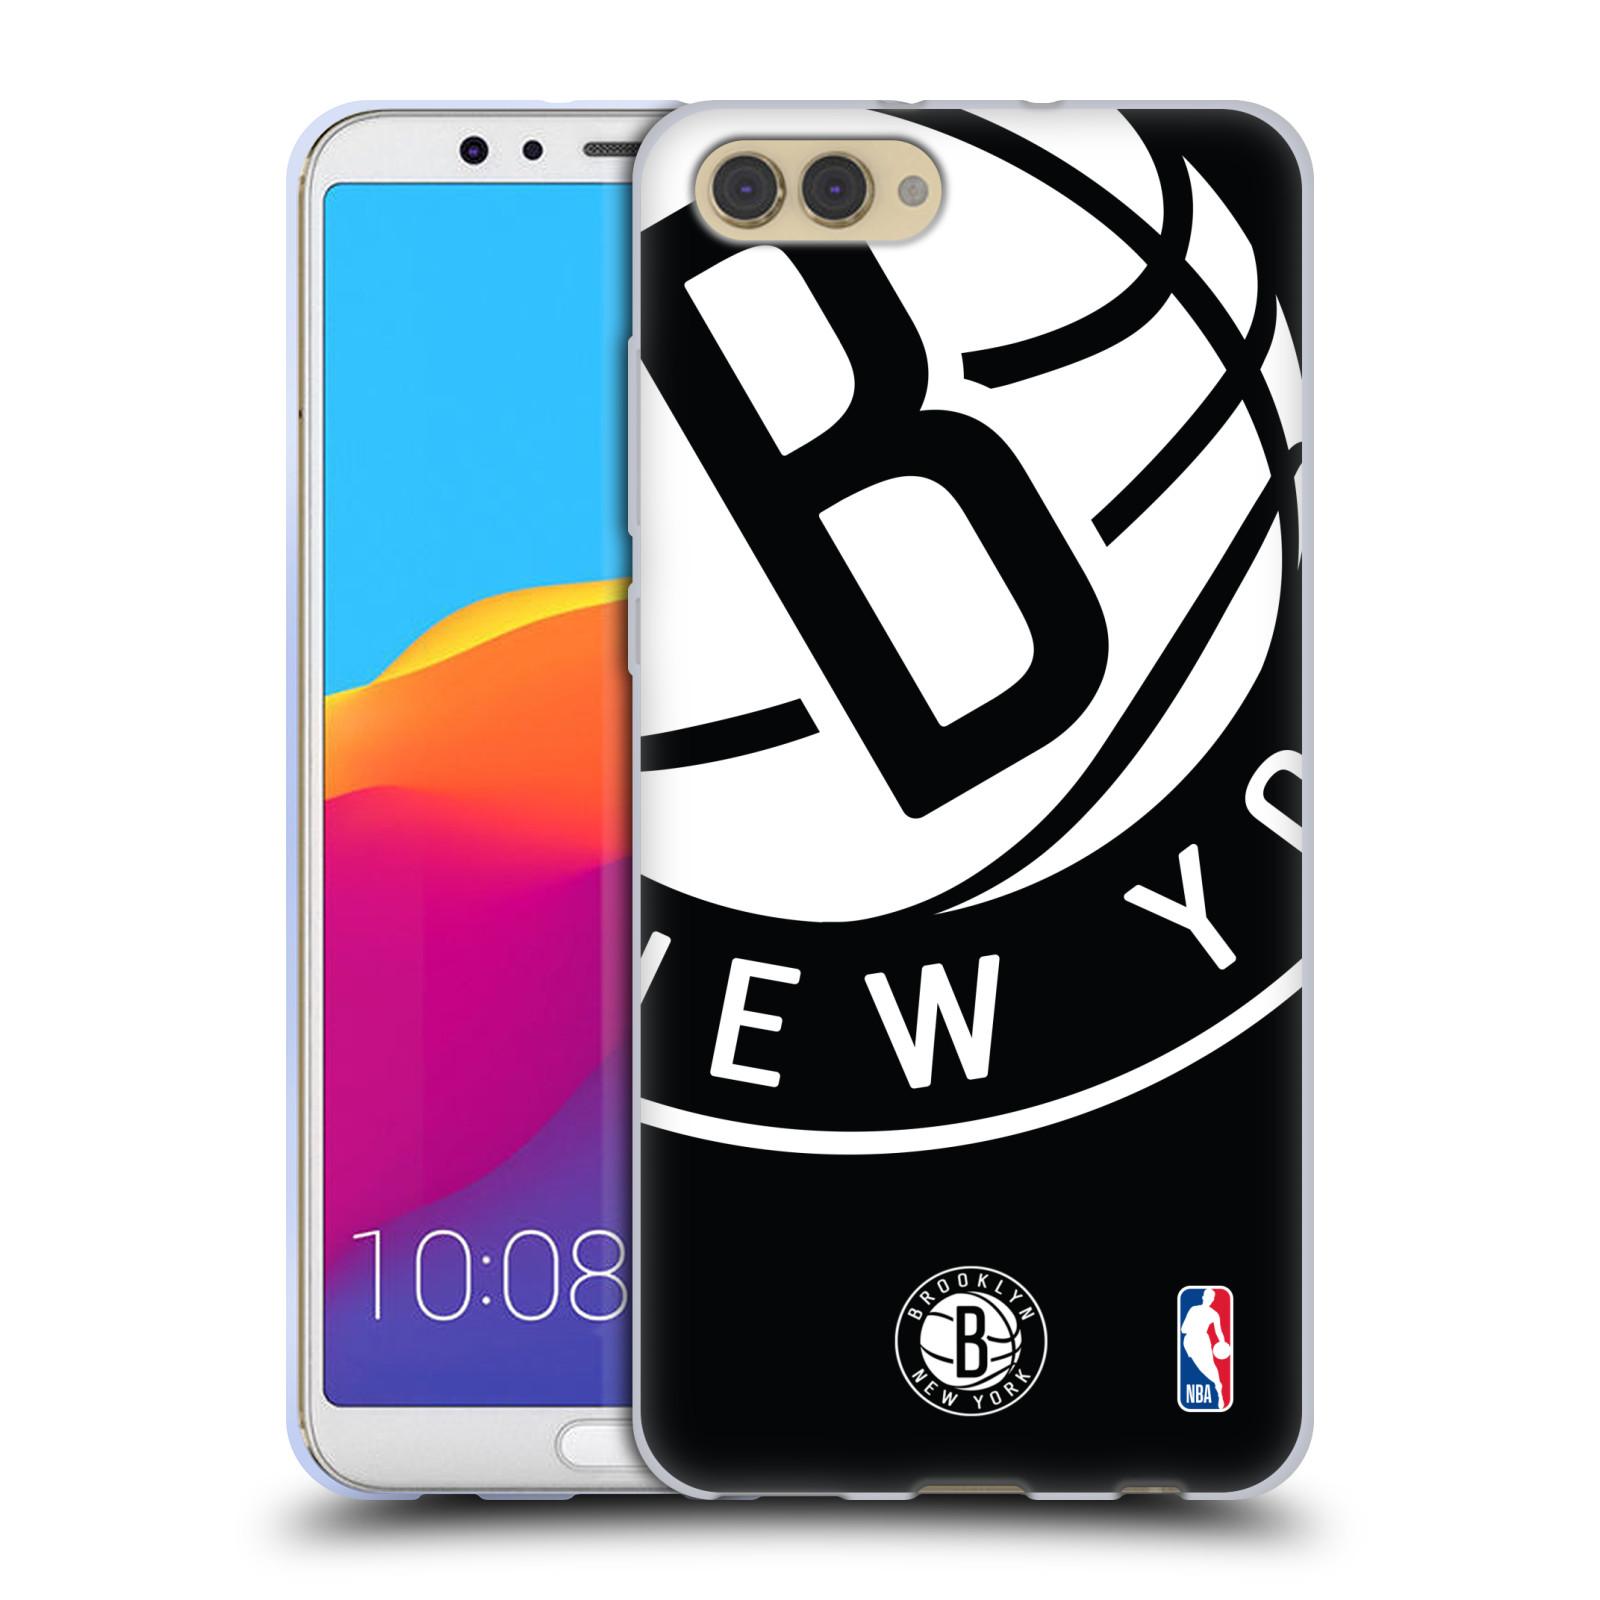 HEAD CASE silikonový obal na mobil Huawei HONOR VIEW 10 / V10 NBA Basketbalový klub Brooklyn Nets bílé logo na černém pozadí